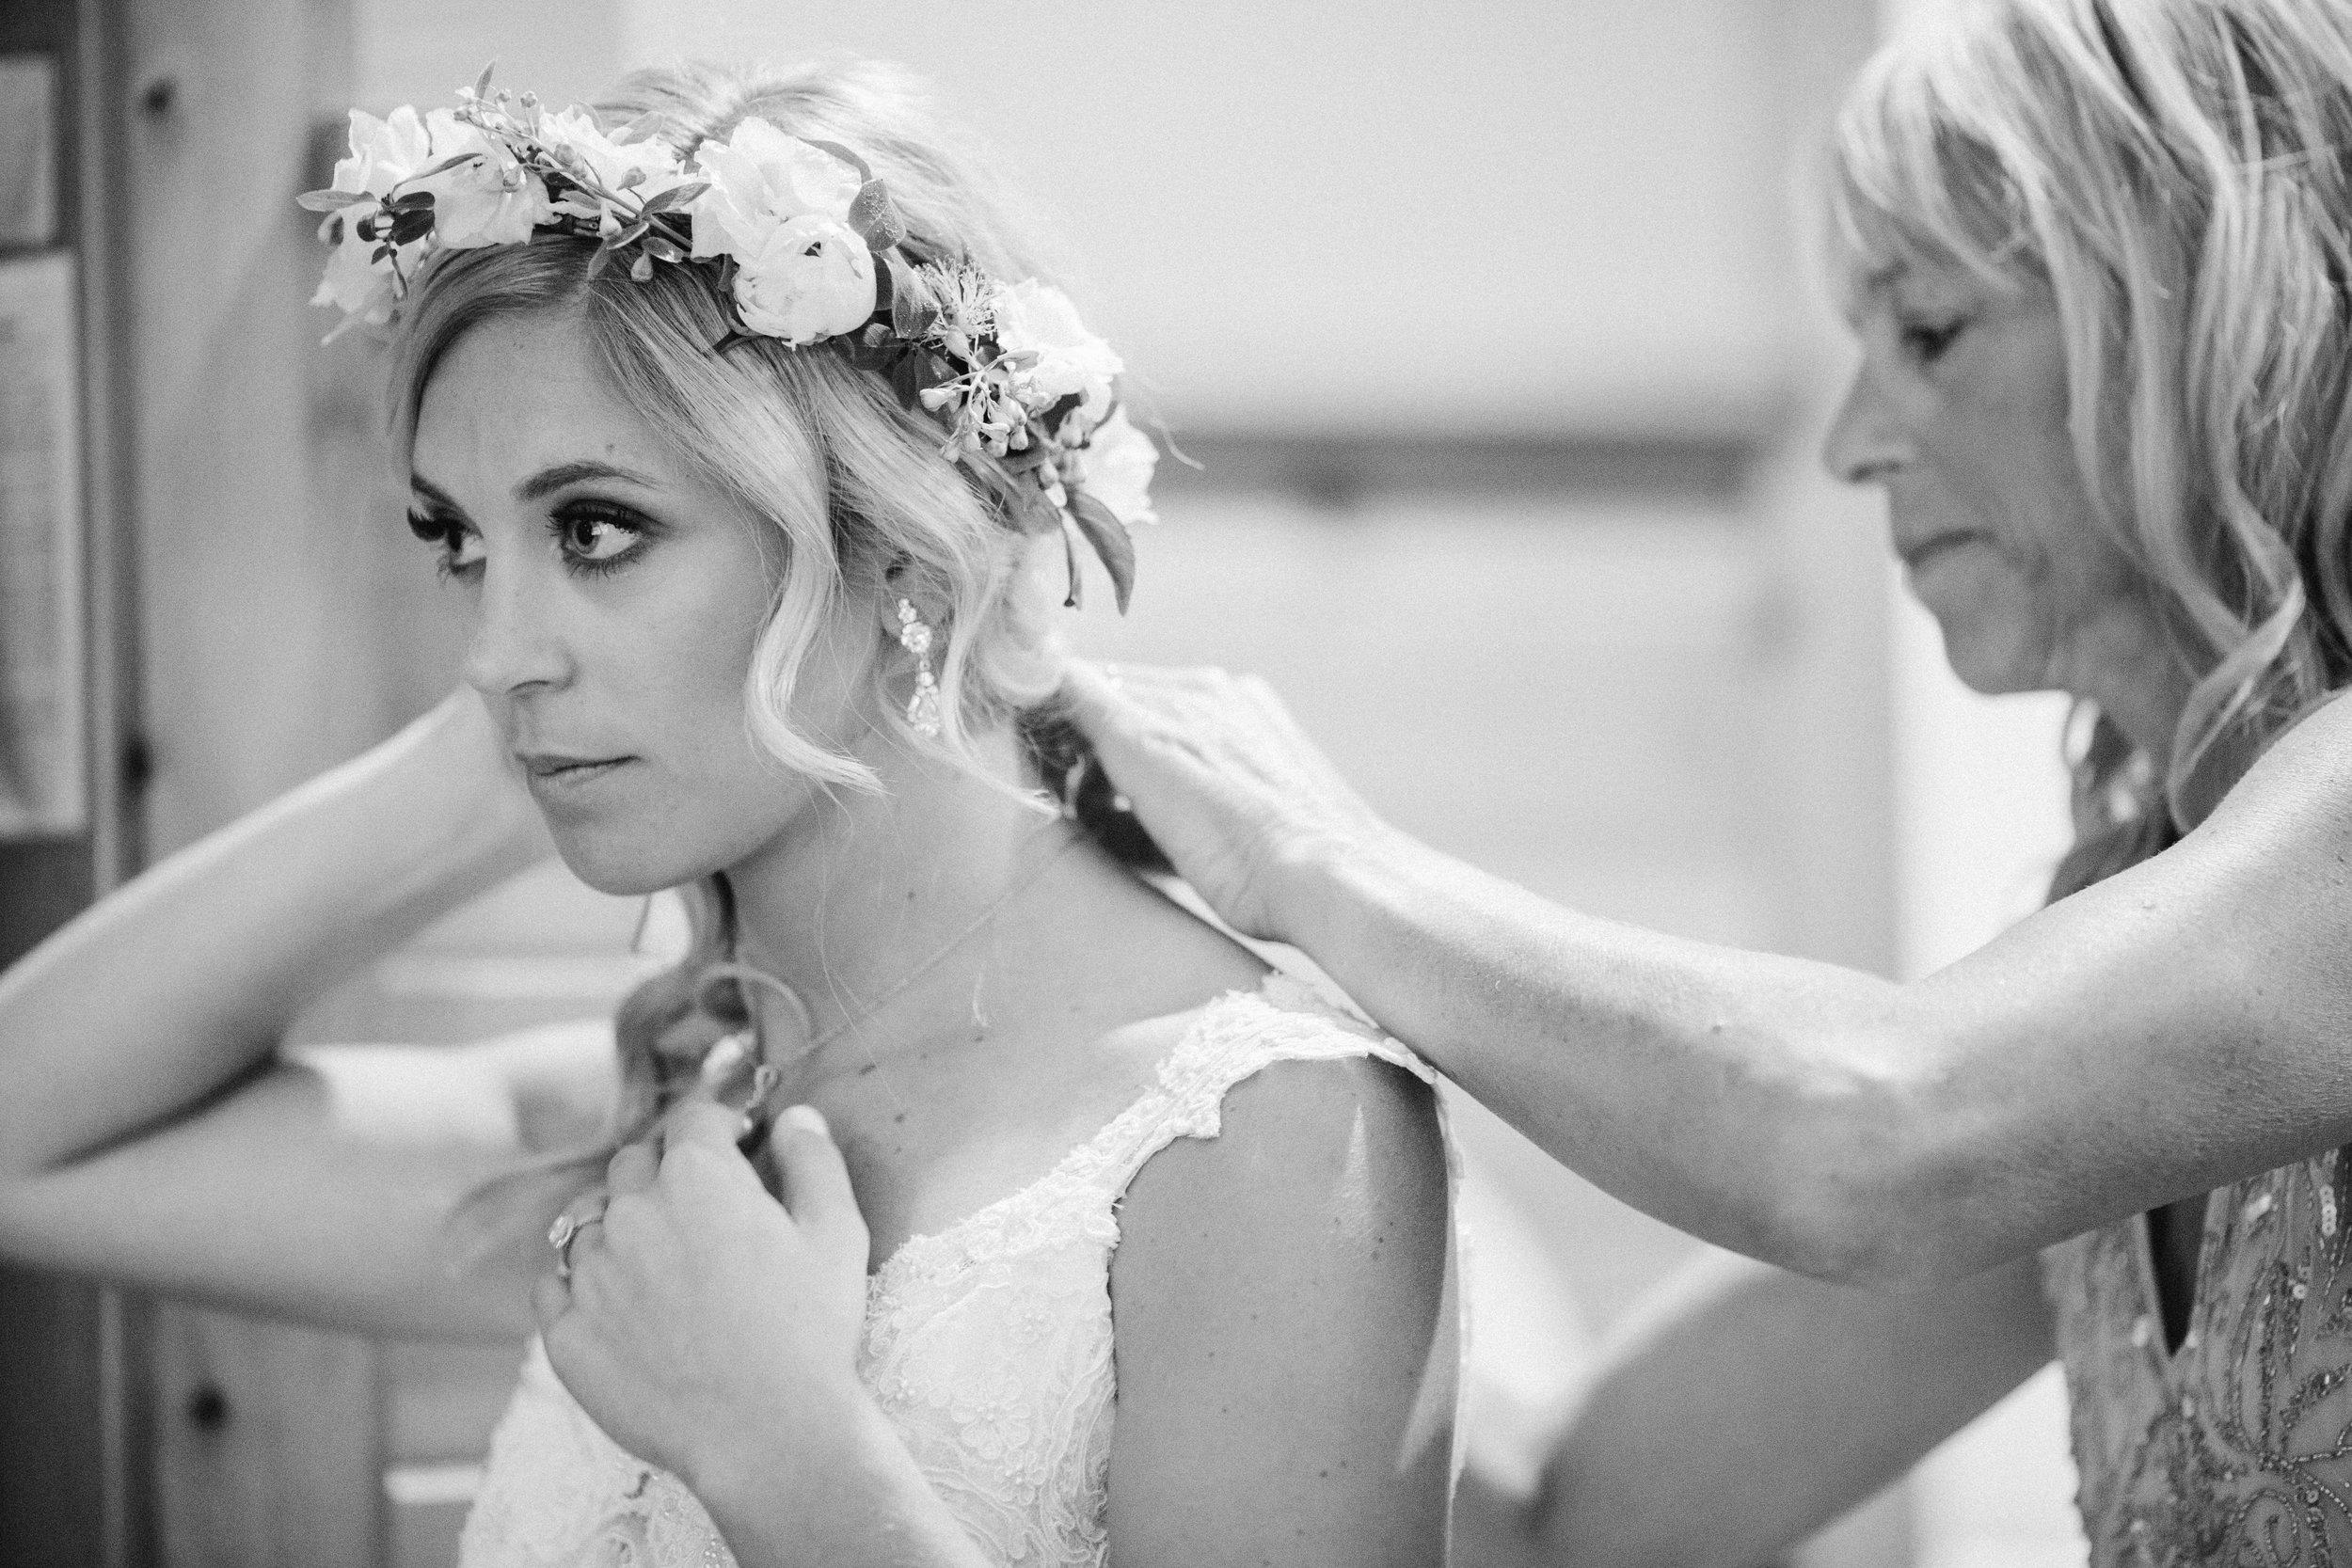 janelle elaine photography-professional wedding photographer seattle washington-1-5.jpg